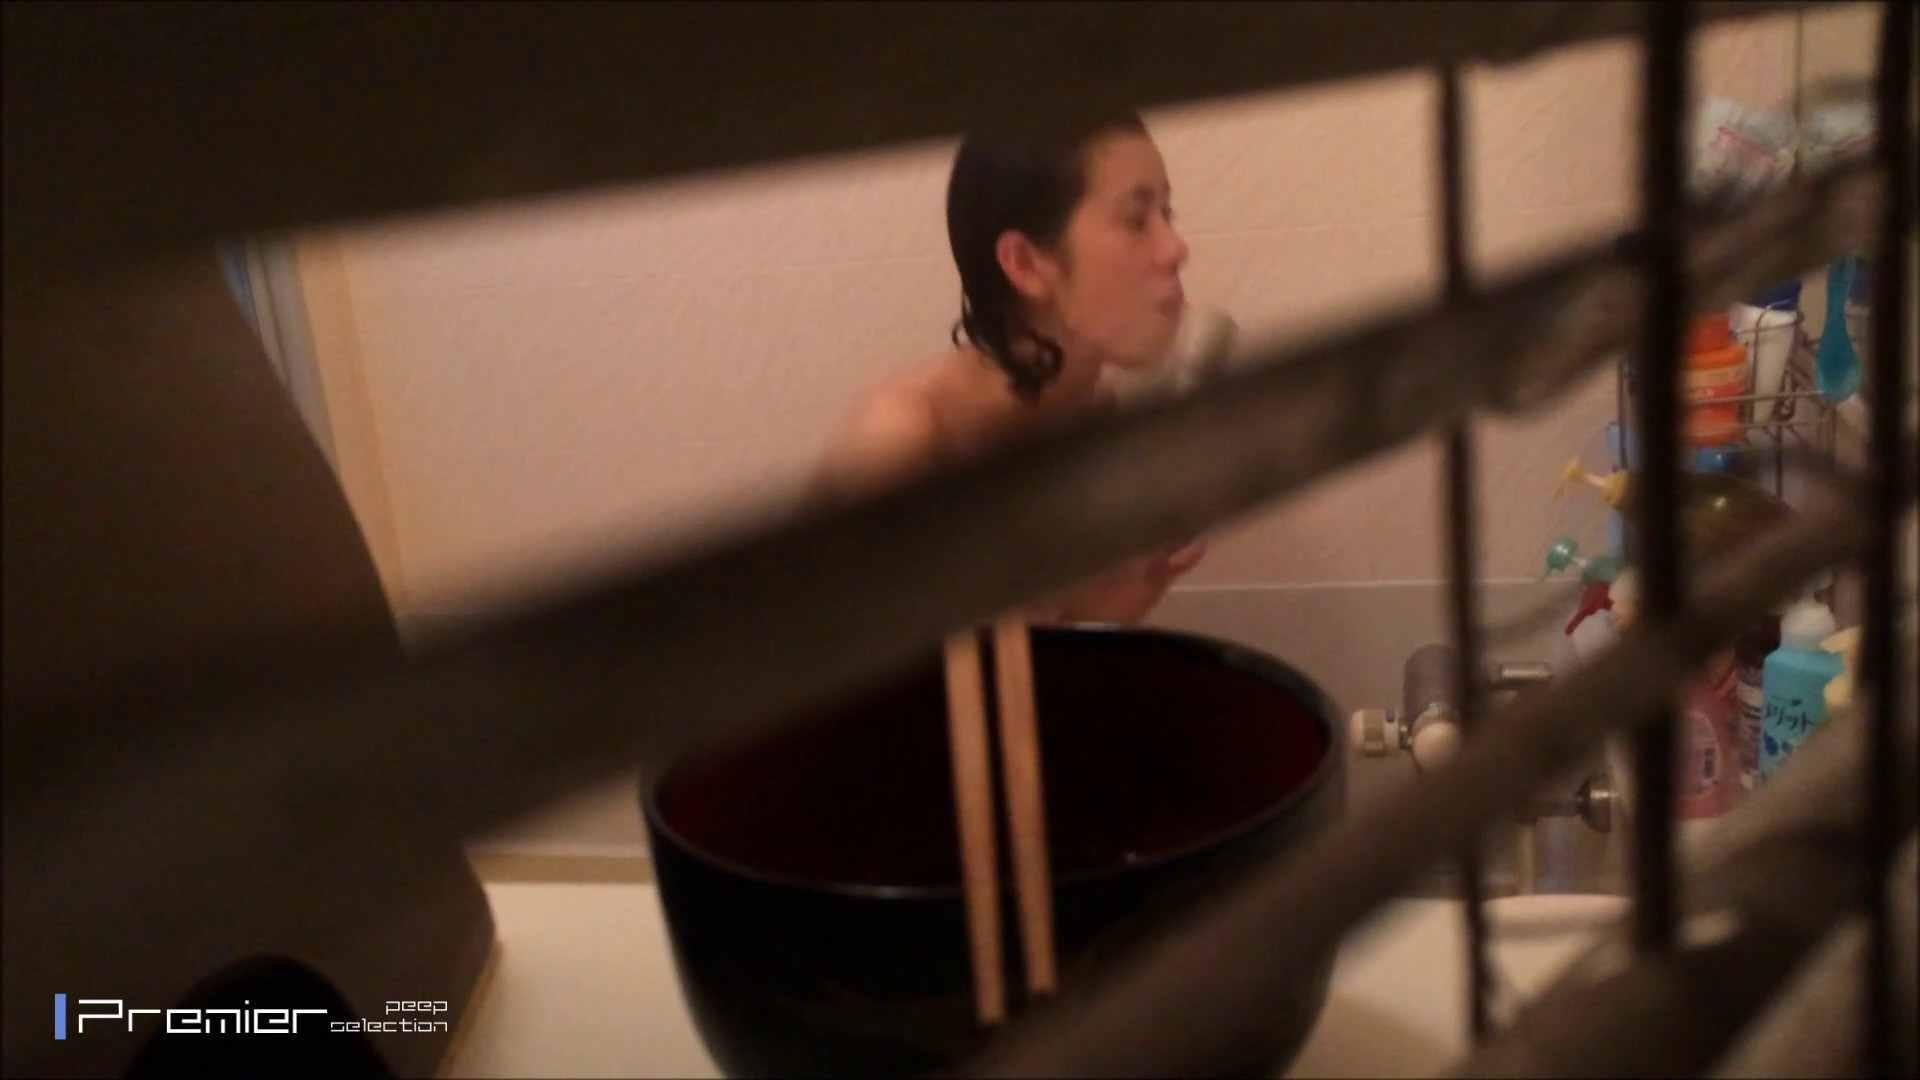 高画質フルハイビジョン スレンダー美女の入浴 乙女の風呂場 Vol.04 高画質動画 おまんこ無修正動画無料 40画像 36